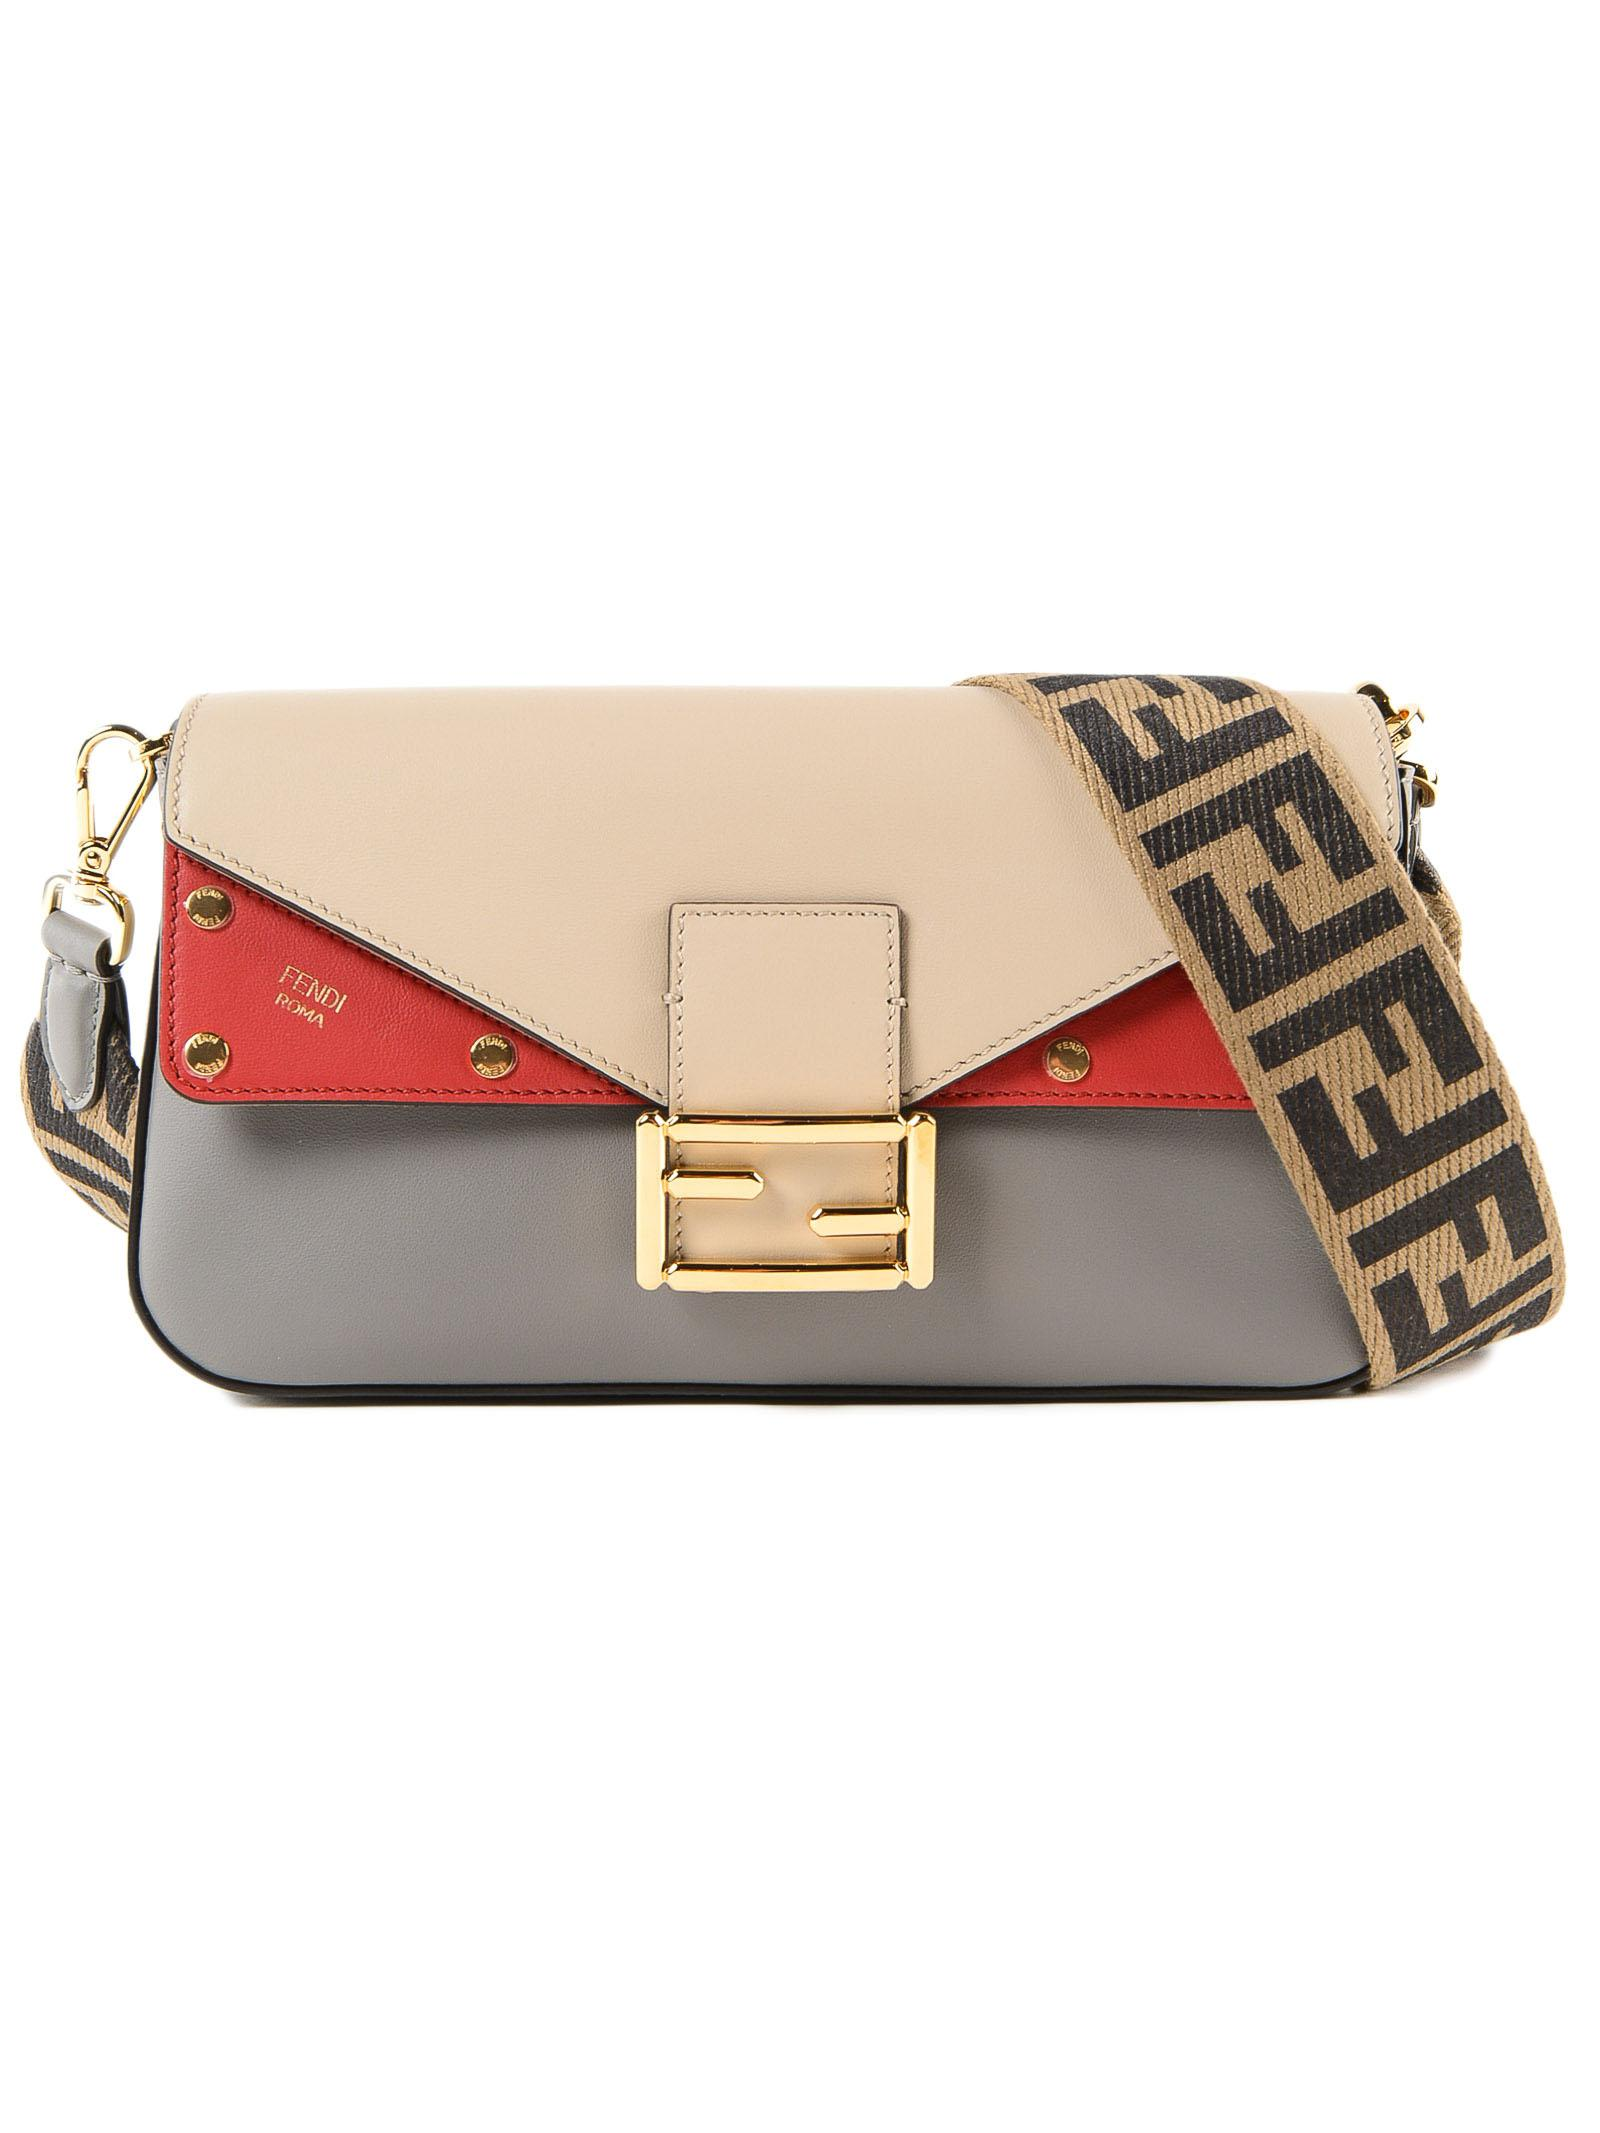 9019844194b6 Fendi - Multicolor Baguette Bag - Lyst. View fullscreen